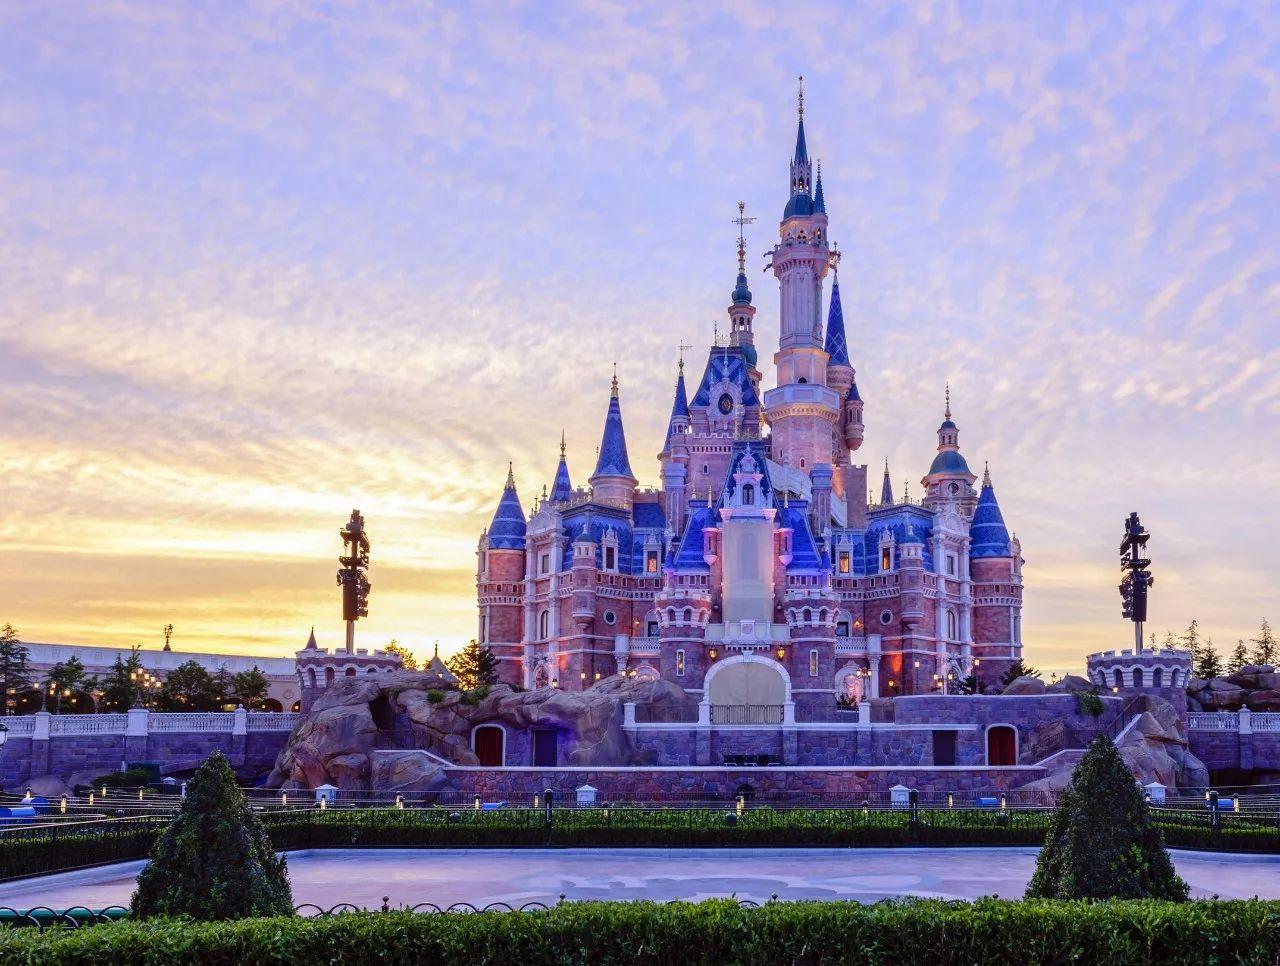 东方明珠塔,外滩,上海迪士尼,上海野生动物园,豫园,上海中心大厦.